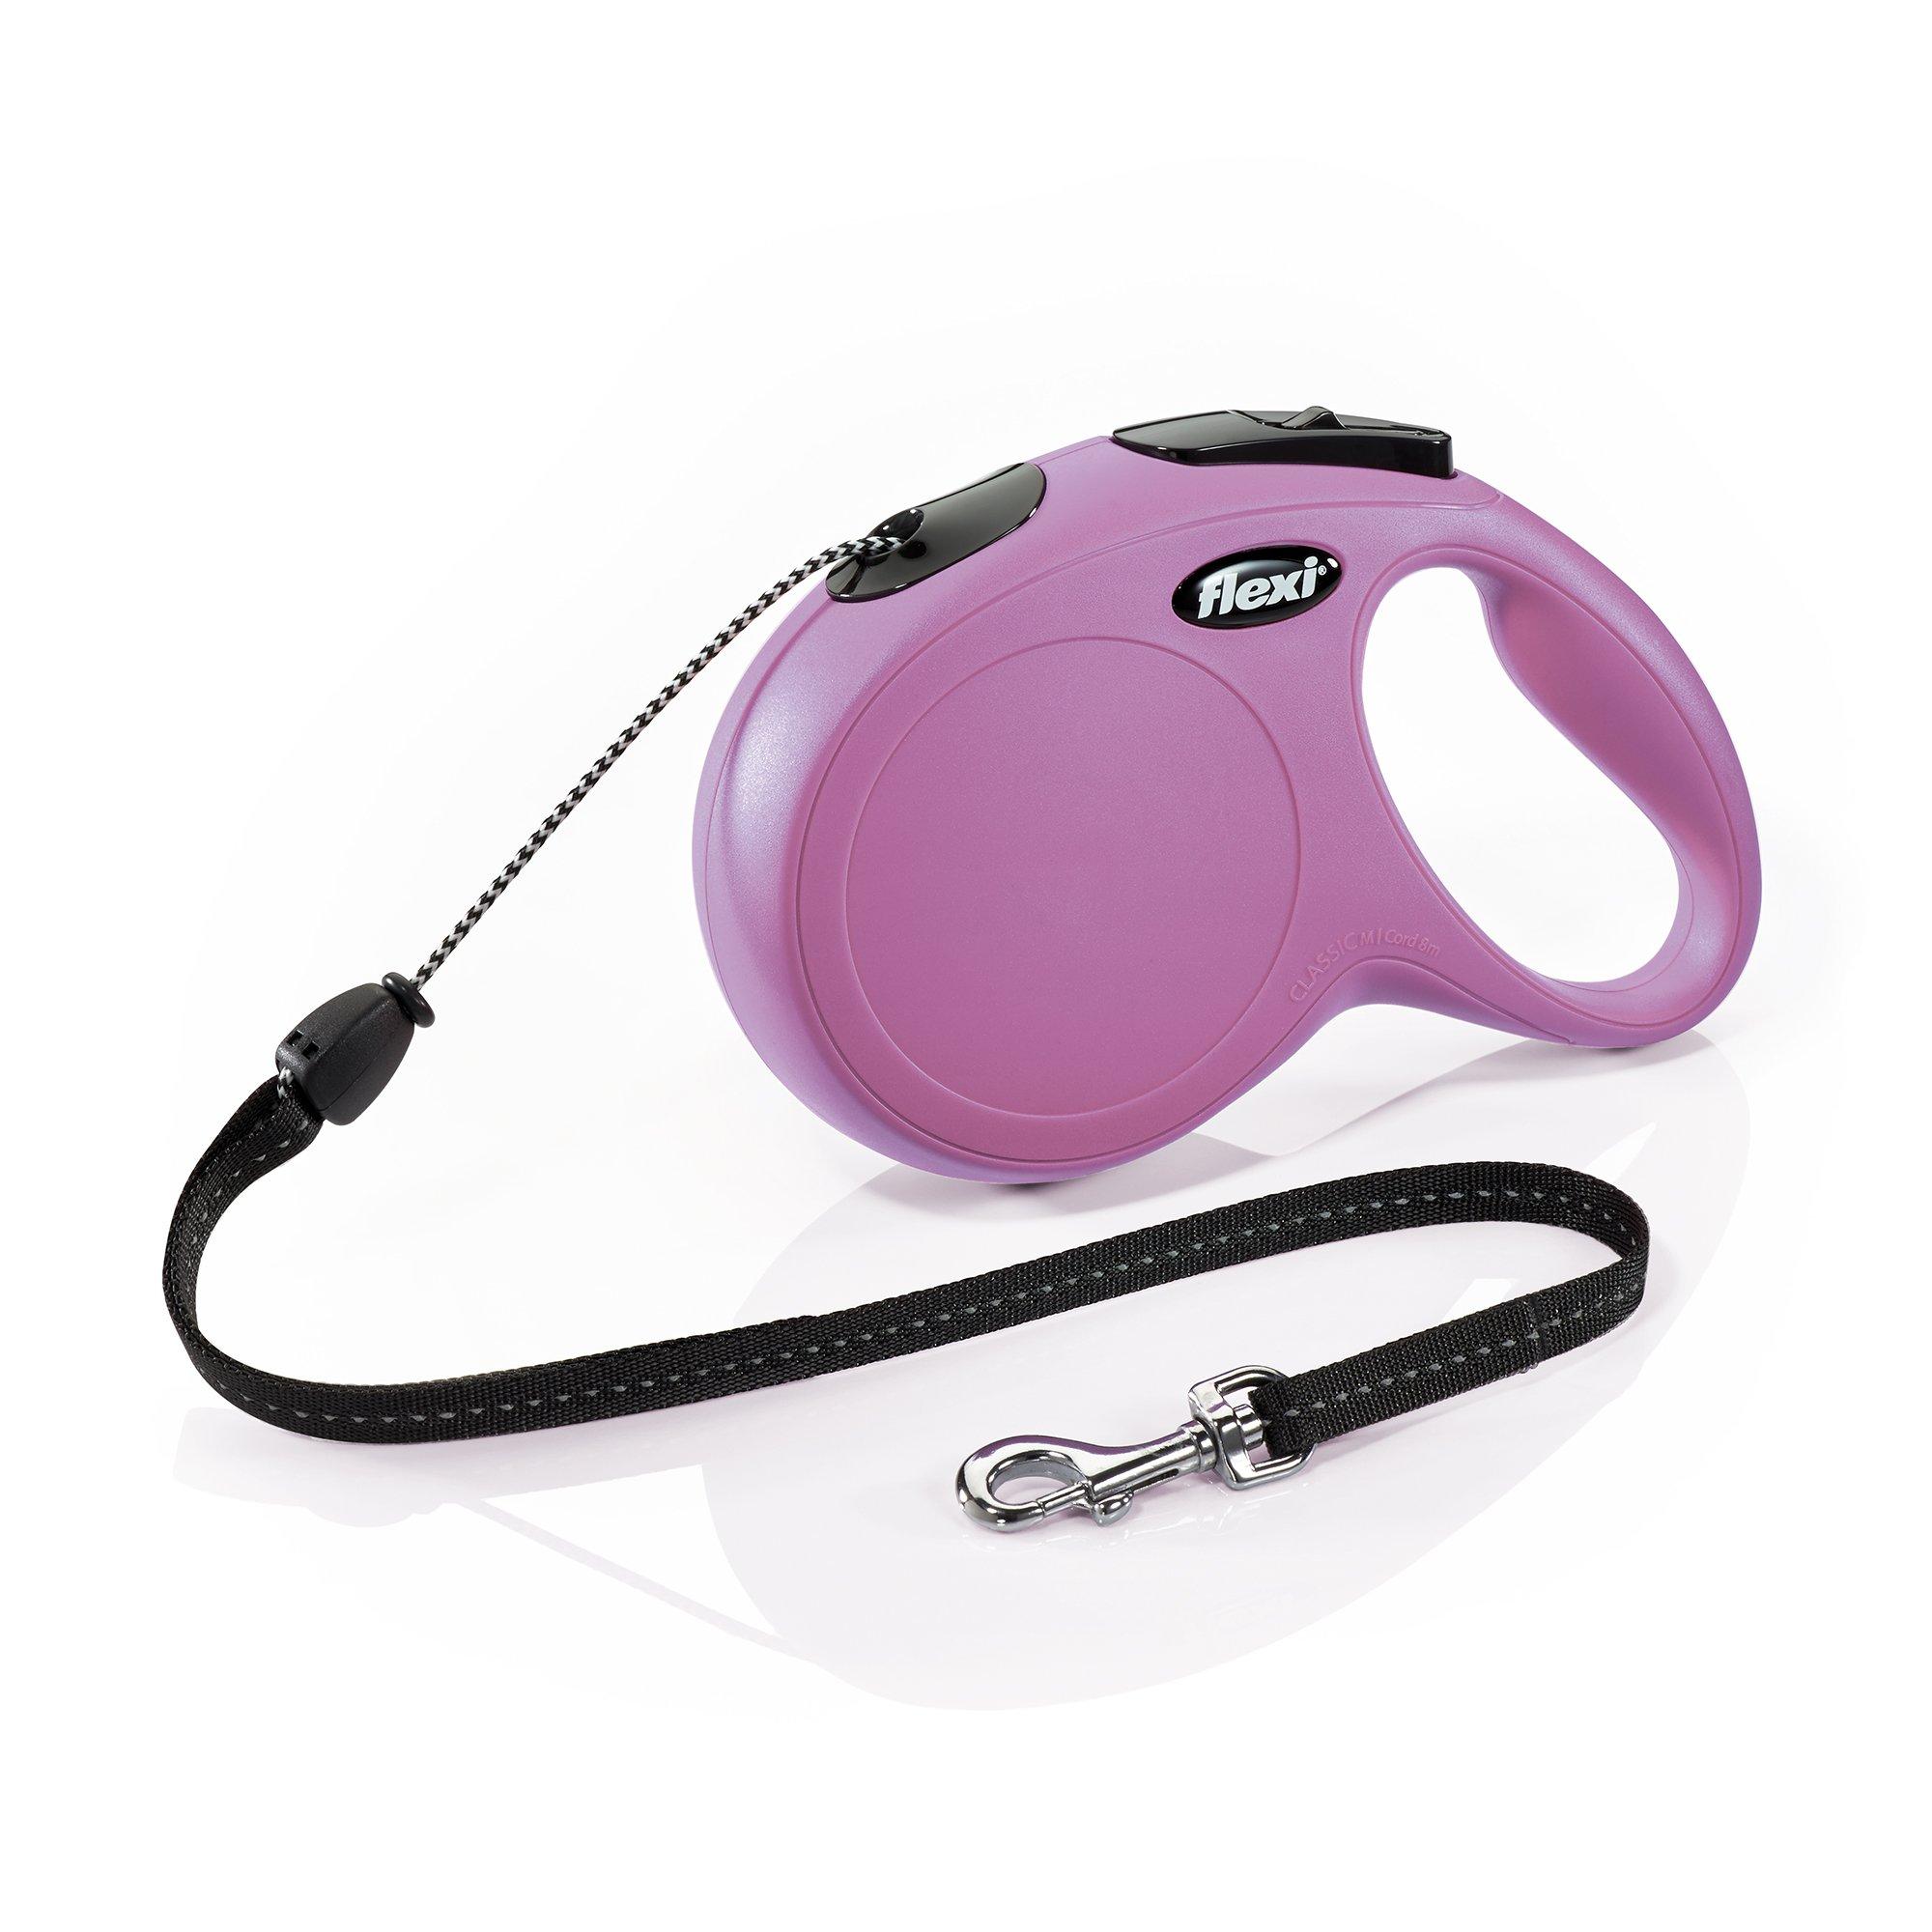 Flexi New Classic Retractable Dog Leash (Cord), 26 ft, Medium, Pink